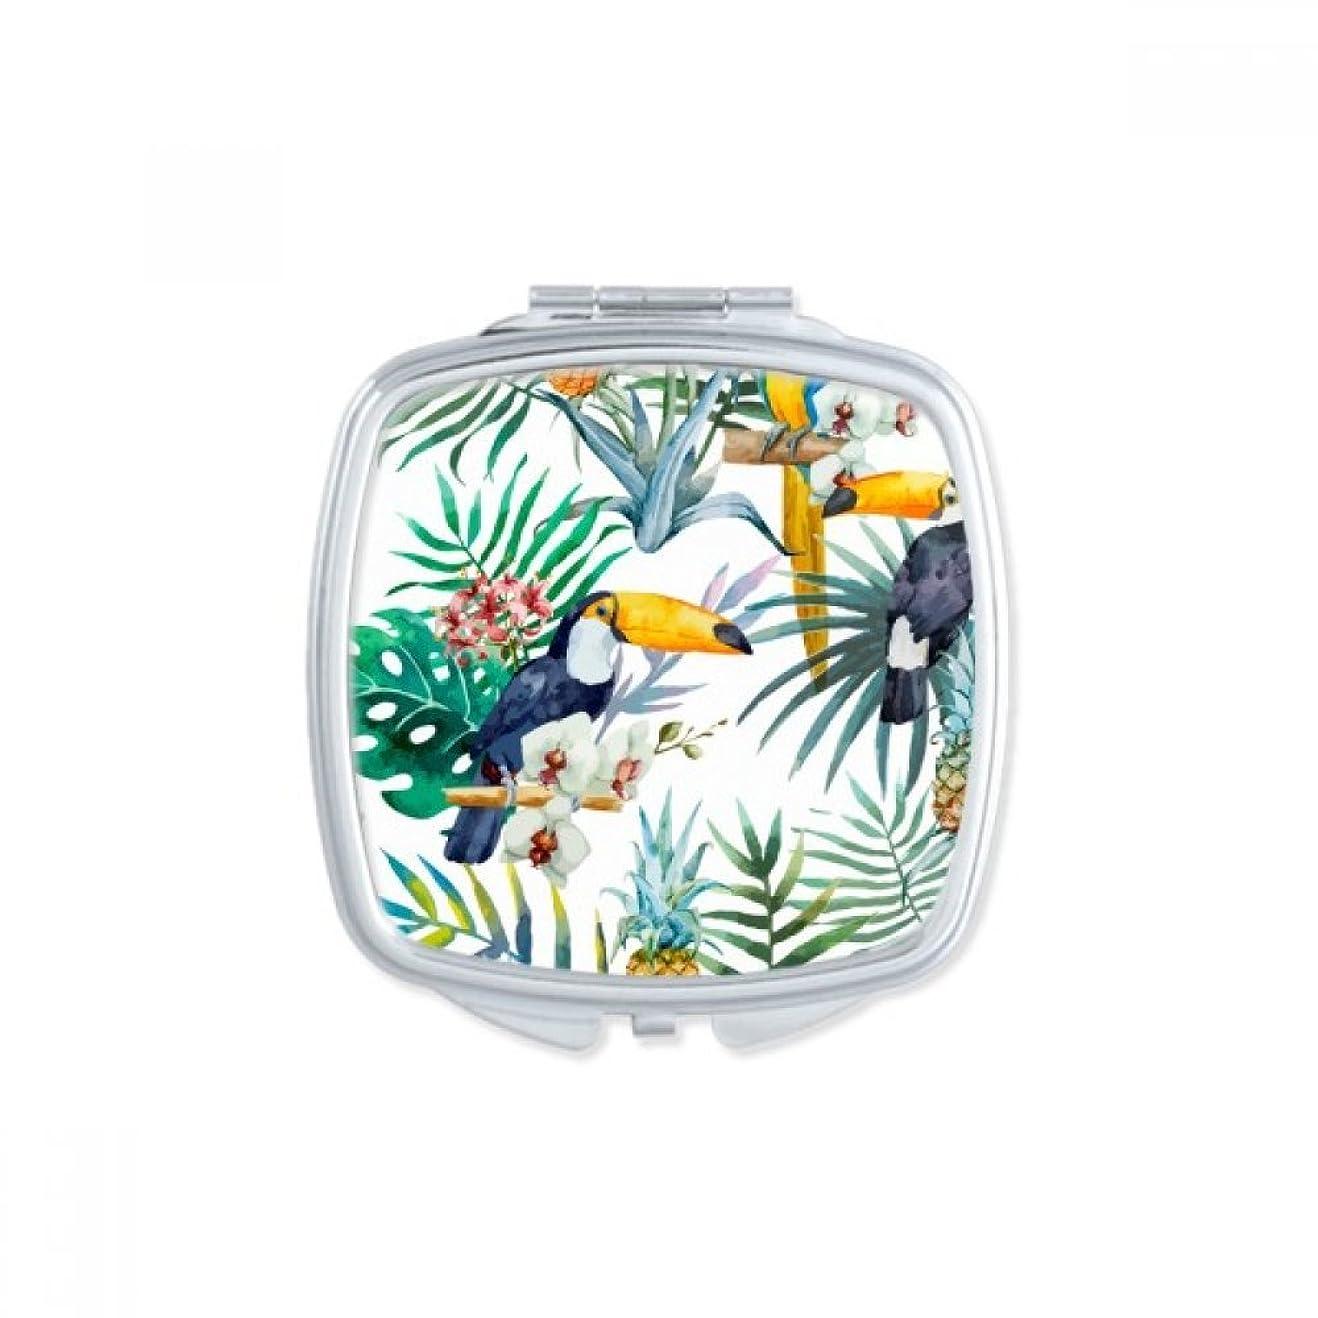 セットアップ案件話す水彩画のオオハシの低木のパイナップルのオウム スクエアコンパクトメークアップポケットミラー携帯用の小さなかわいいハンドミラープレゼント